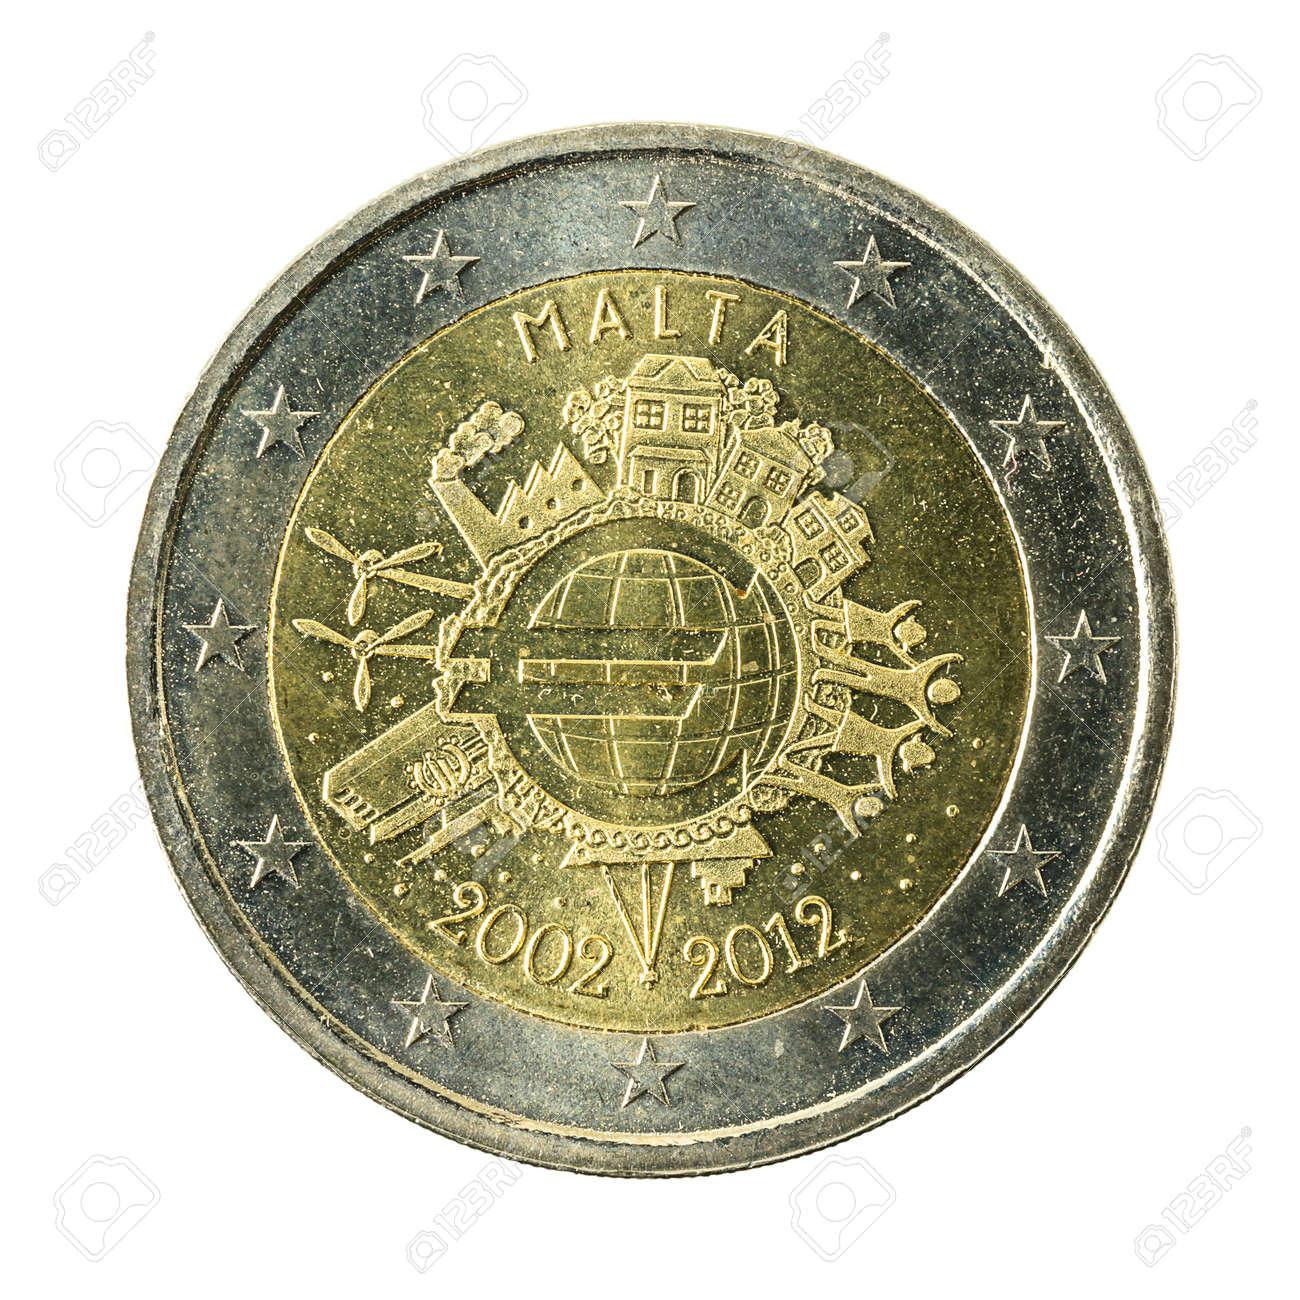 2 Euro Münze Malta Isoliert Auf Weißen Hintergrund